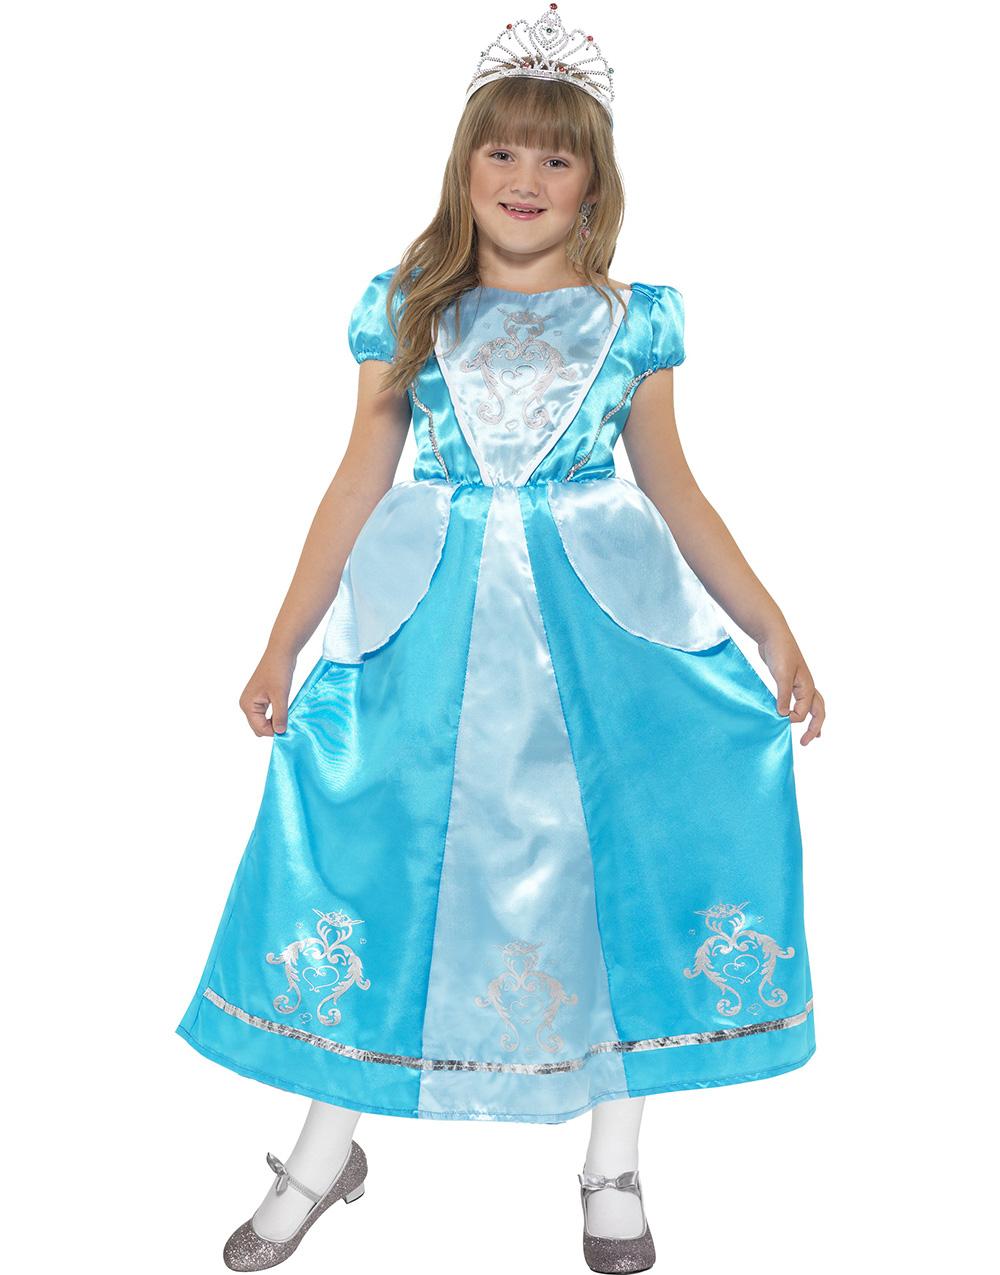 Prinsessan Blåklocka Barnkostym